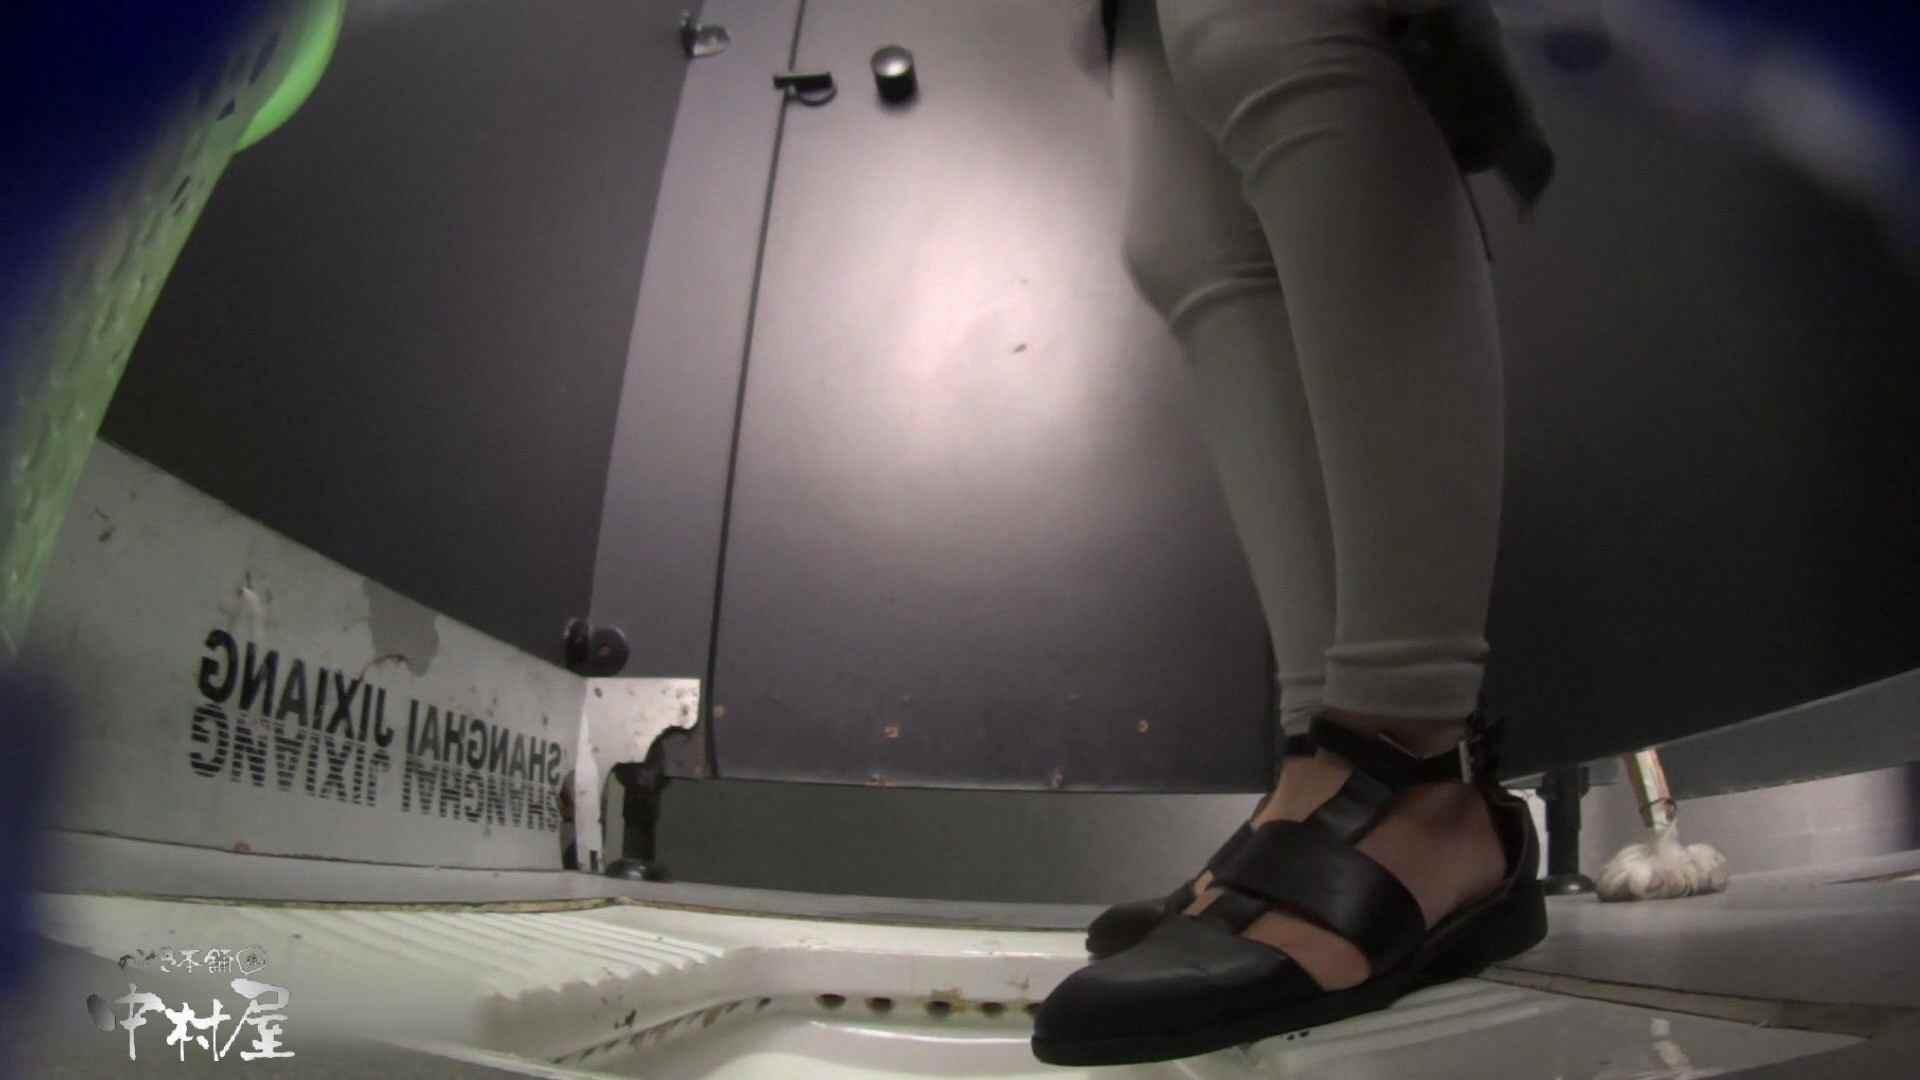 グレースパッツお女市さん 大学休憩時間の洗面所事情31 盗撮  69画像 32